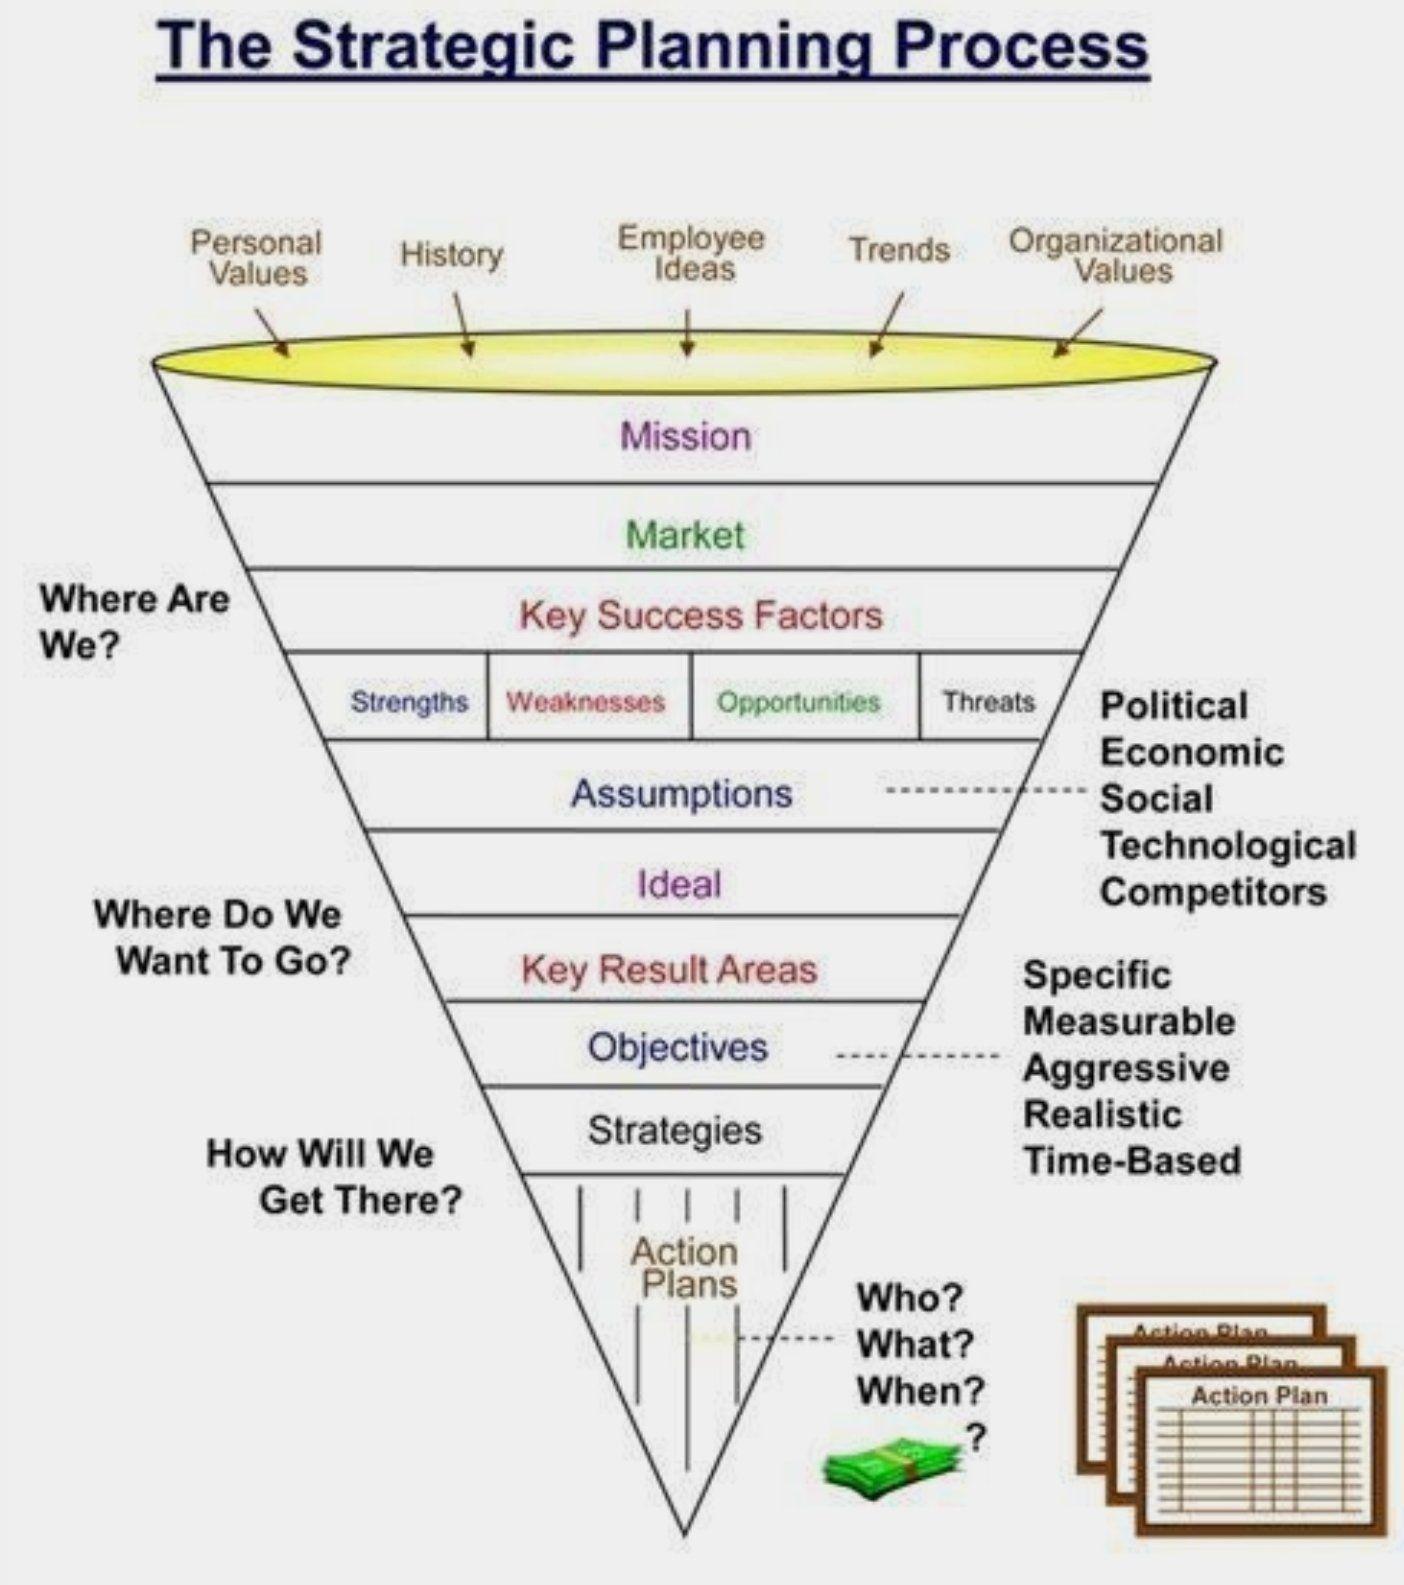 The strategic planning process.... การสร้างยุทธศาสตร์